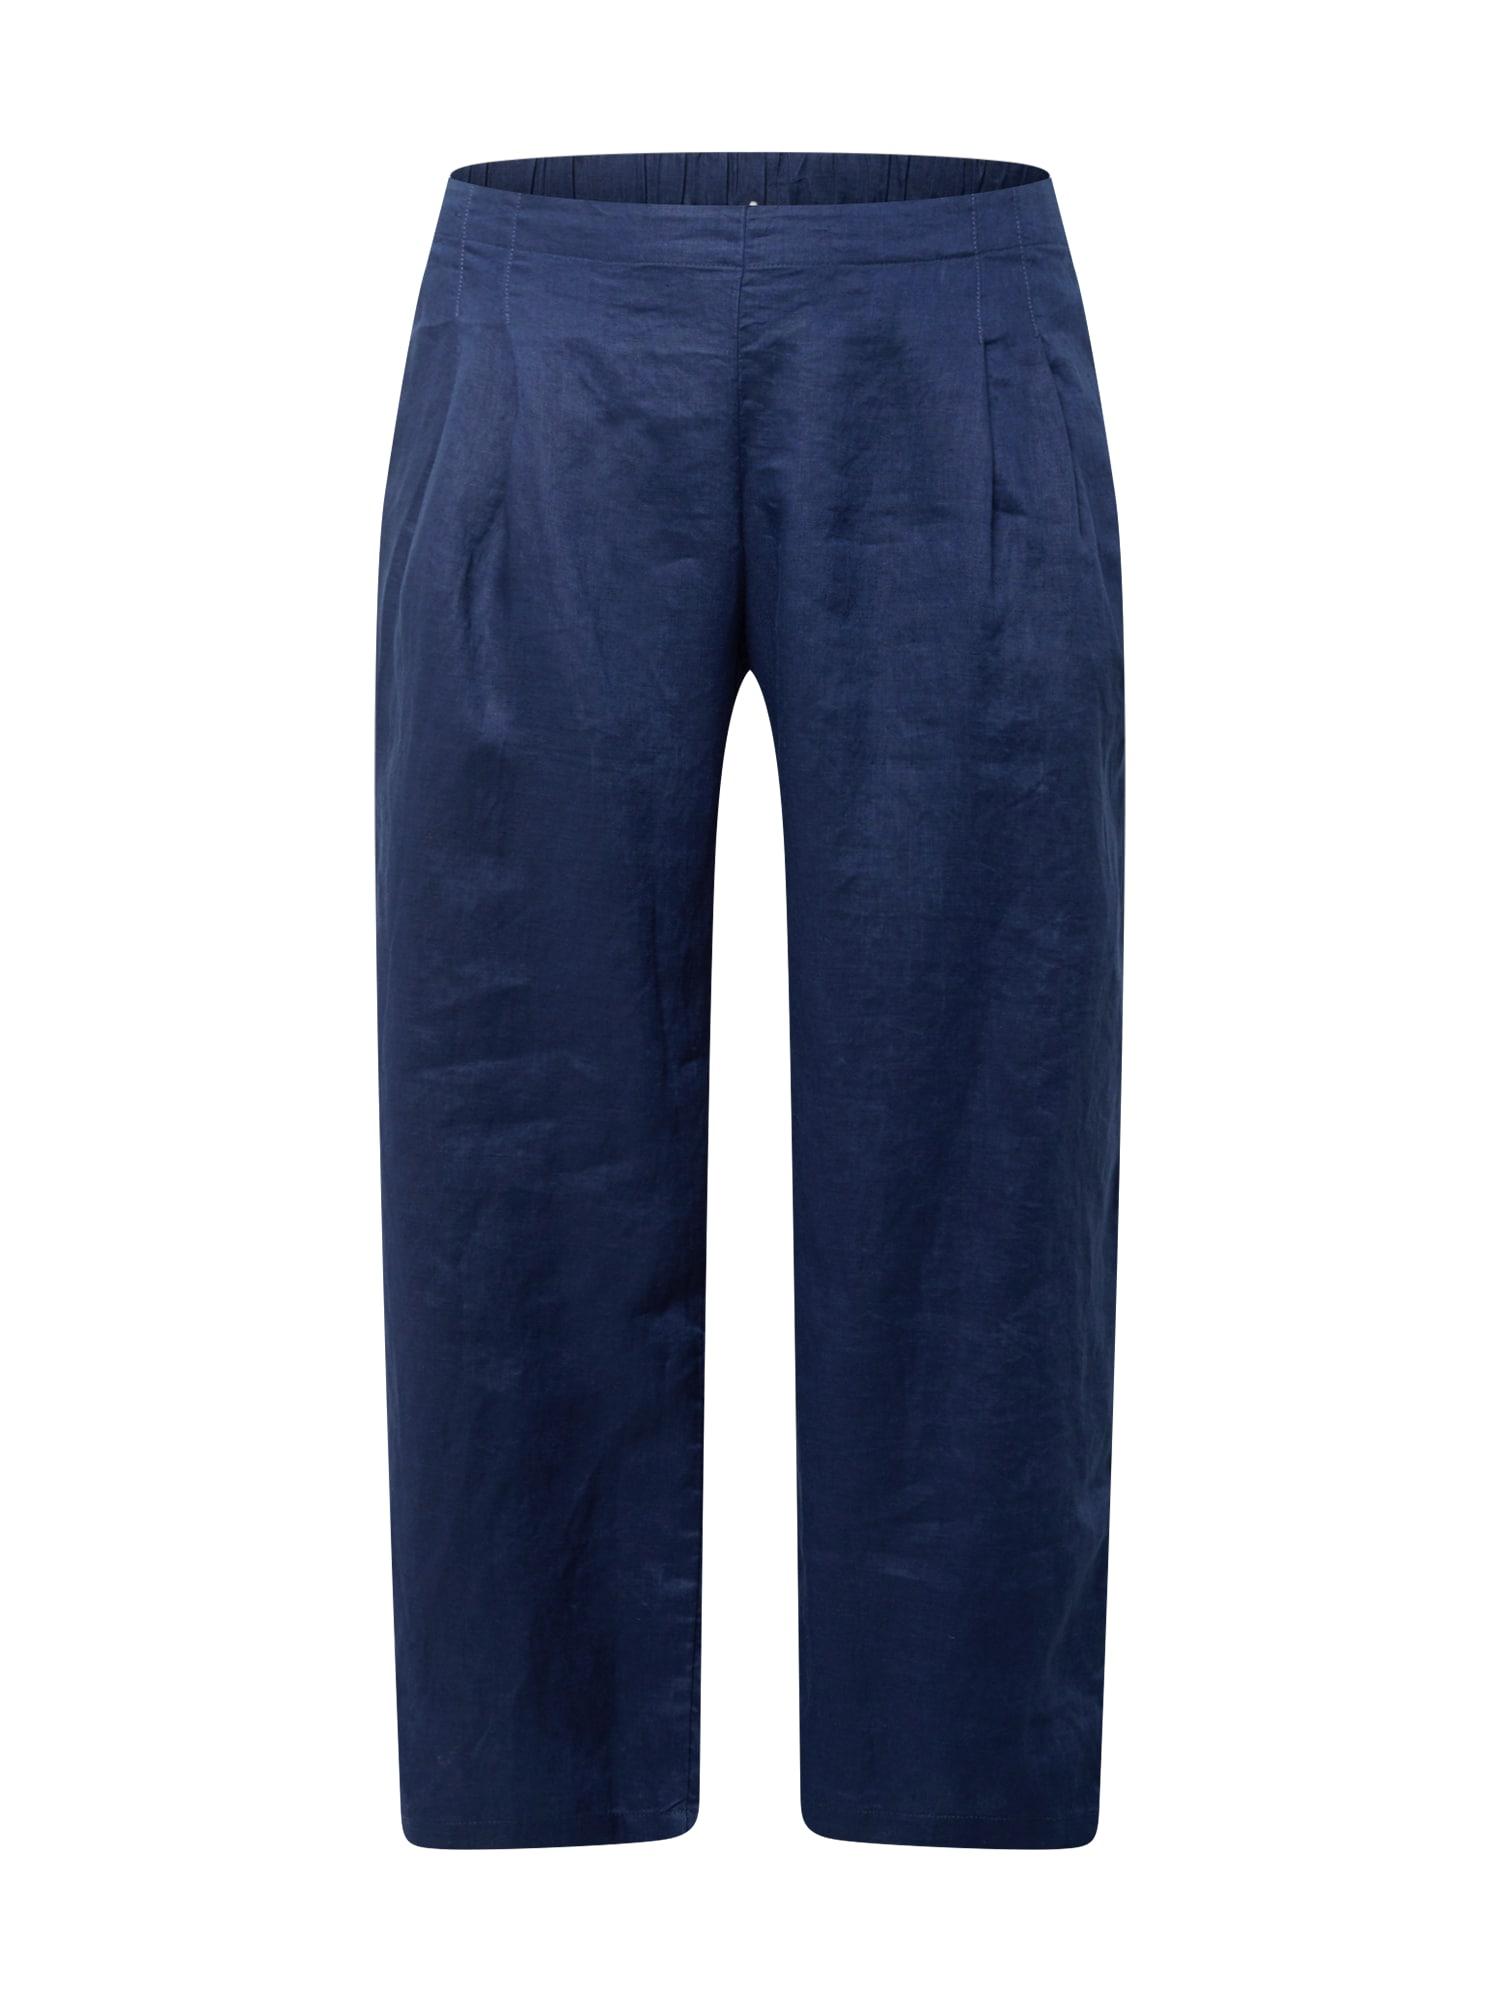 Esprit Curves Klostuotos kelnės tamsiai mėlyna